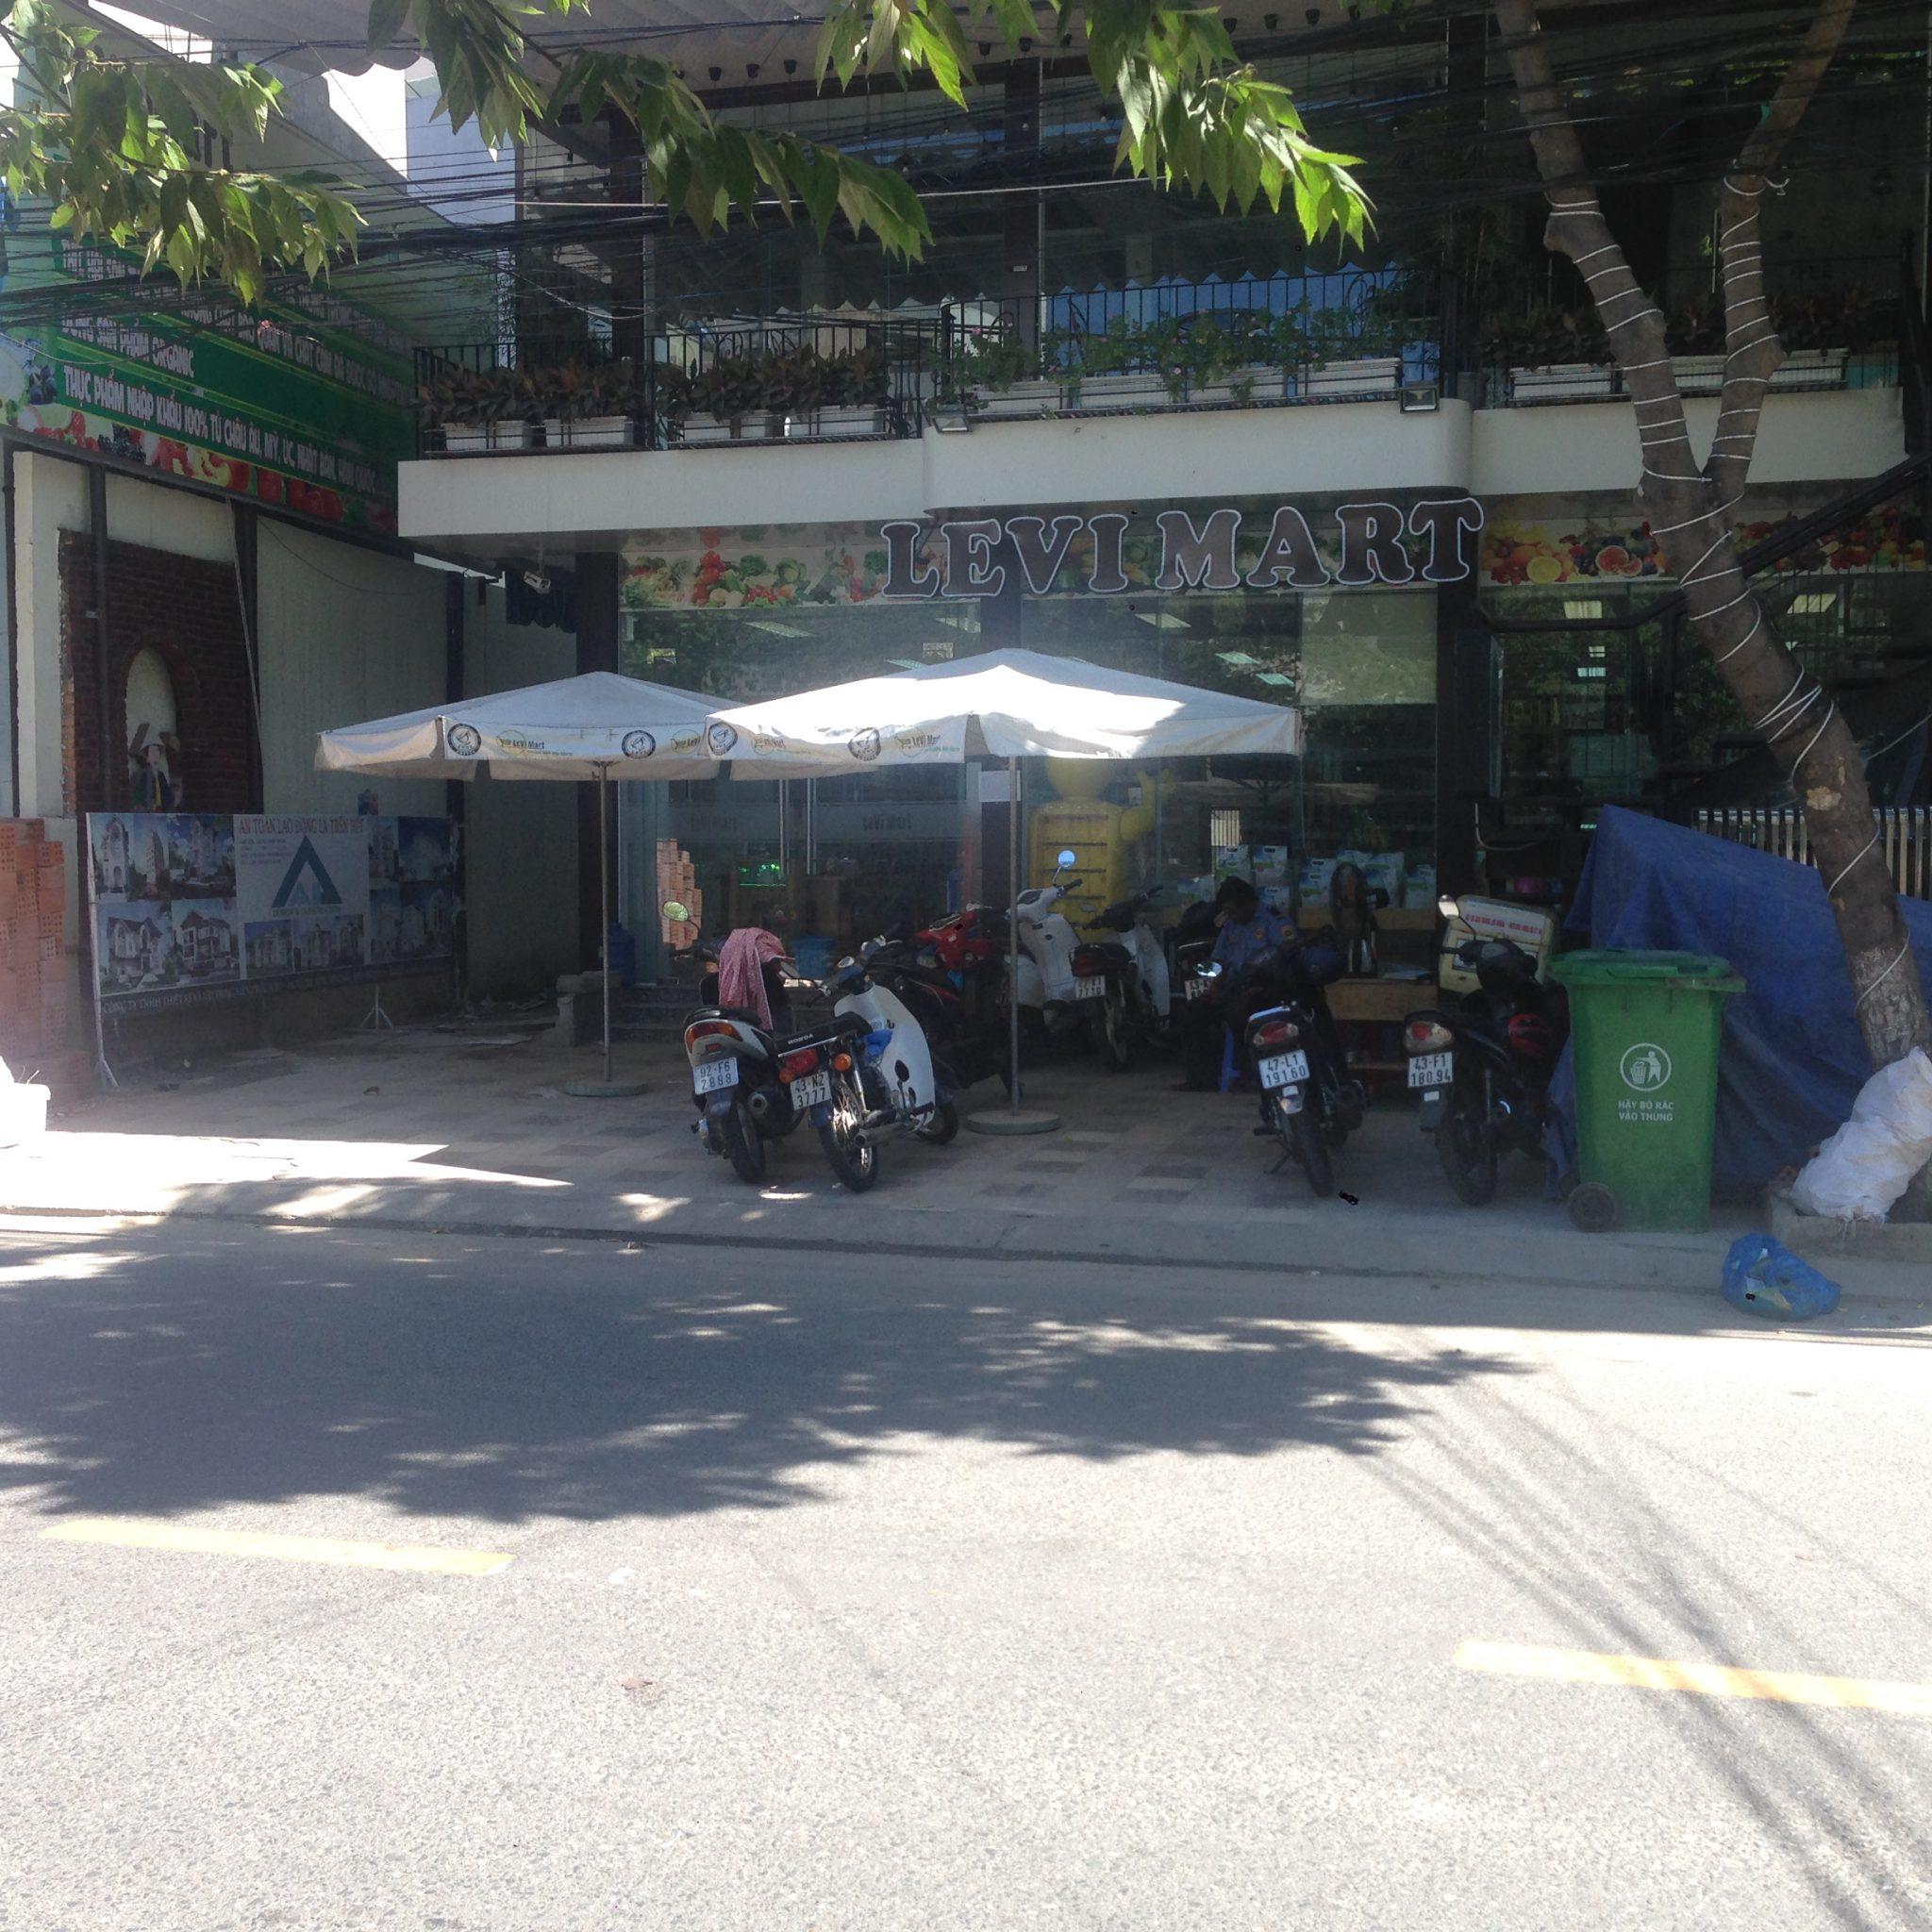 IMG 6063 - Thi công kho lạnh siêu thị LEVIMARK Đà Nẵng